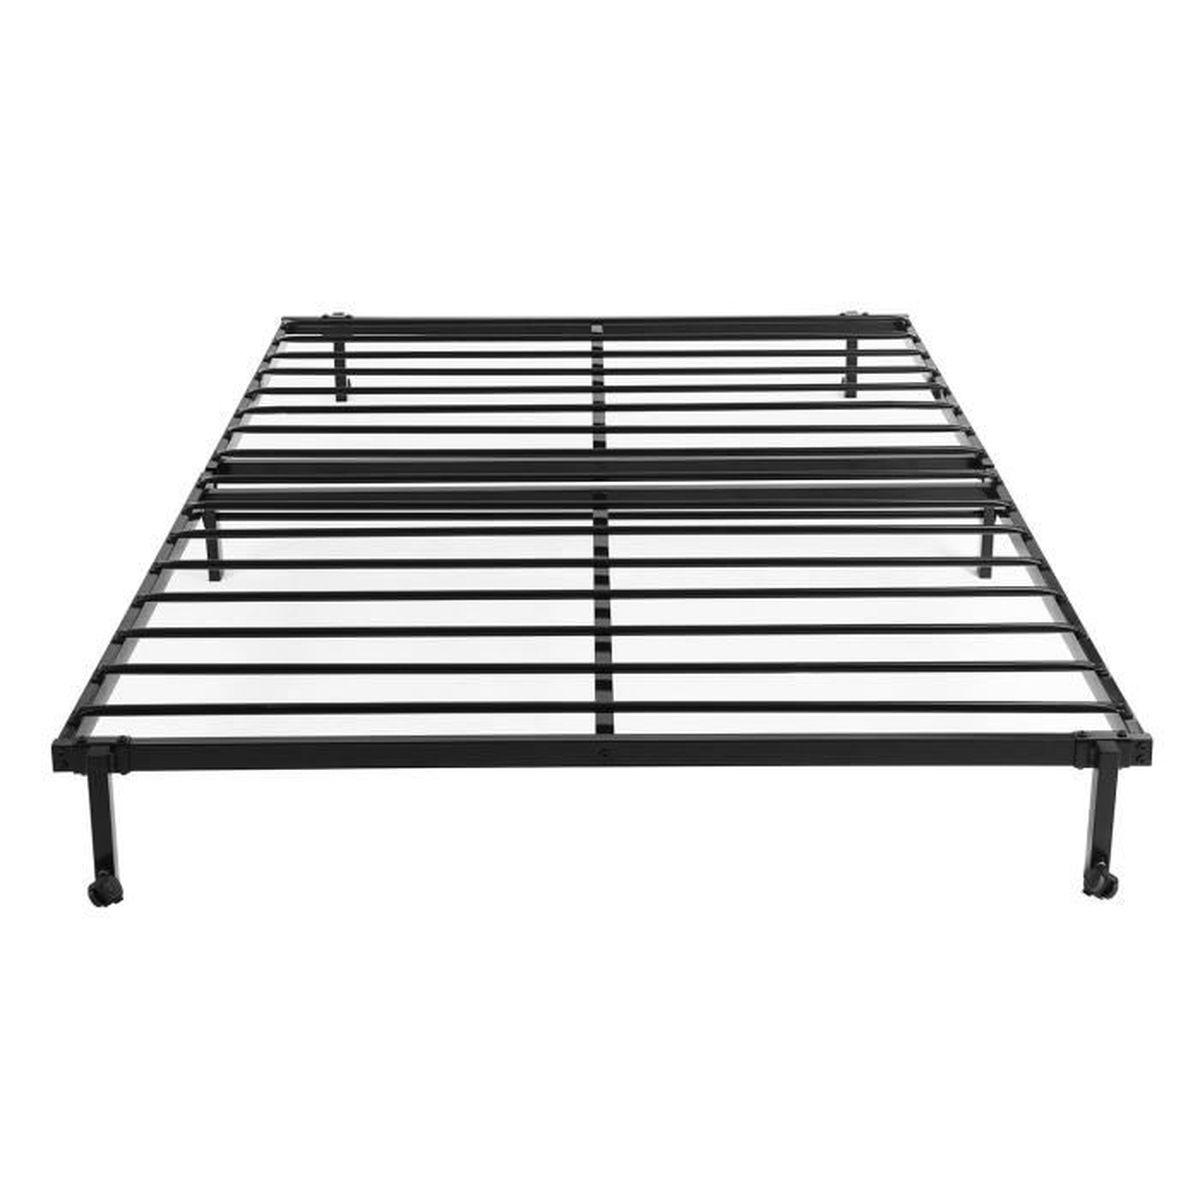 lit double en mtal cadre de lit pliant structure lit de rechange base avec roue verrouillable noir 1965 x 140 cm - Lit Double Pliant